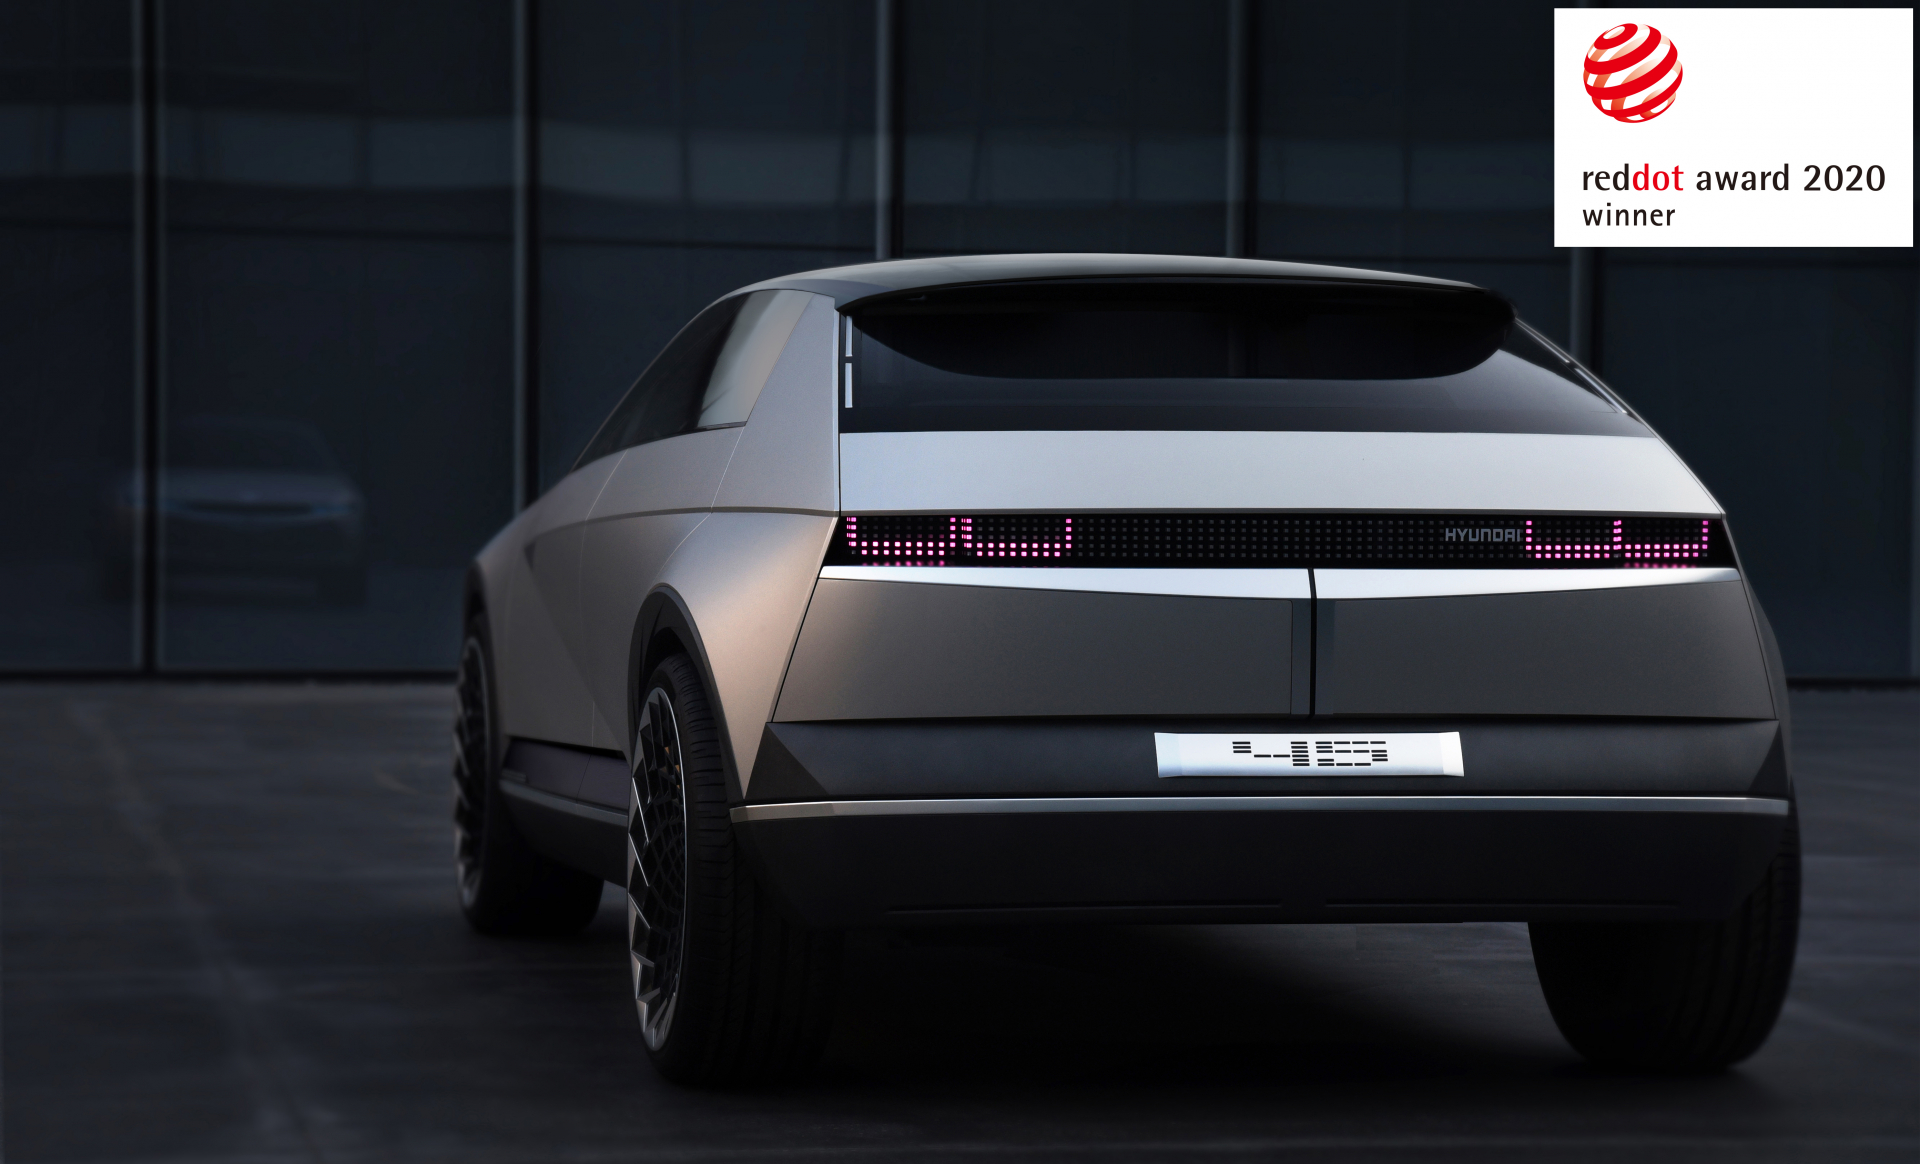 Компанія Hyundai Motor отримала три нагороди Red Dot Award 2020 за концептуальний дизайн   Автопалац Тернопіль - фото 10